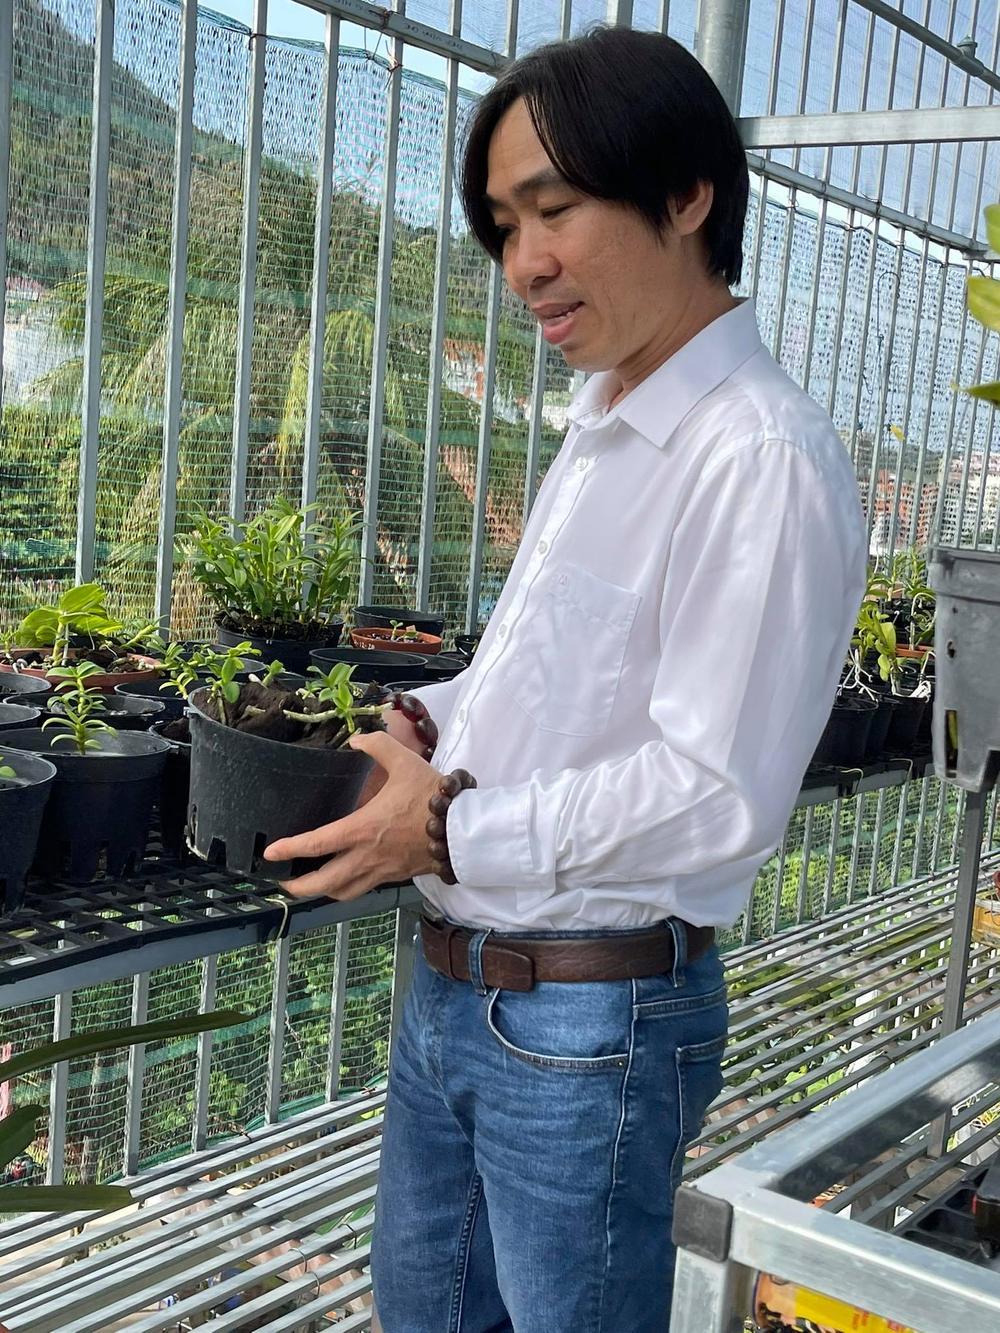 Ông chủ Nguyễn Huy Bình và vườn lan 'khủng' nhiều người ngưỡng mộ Ảnh 5